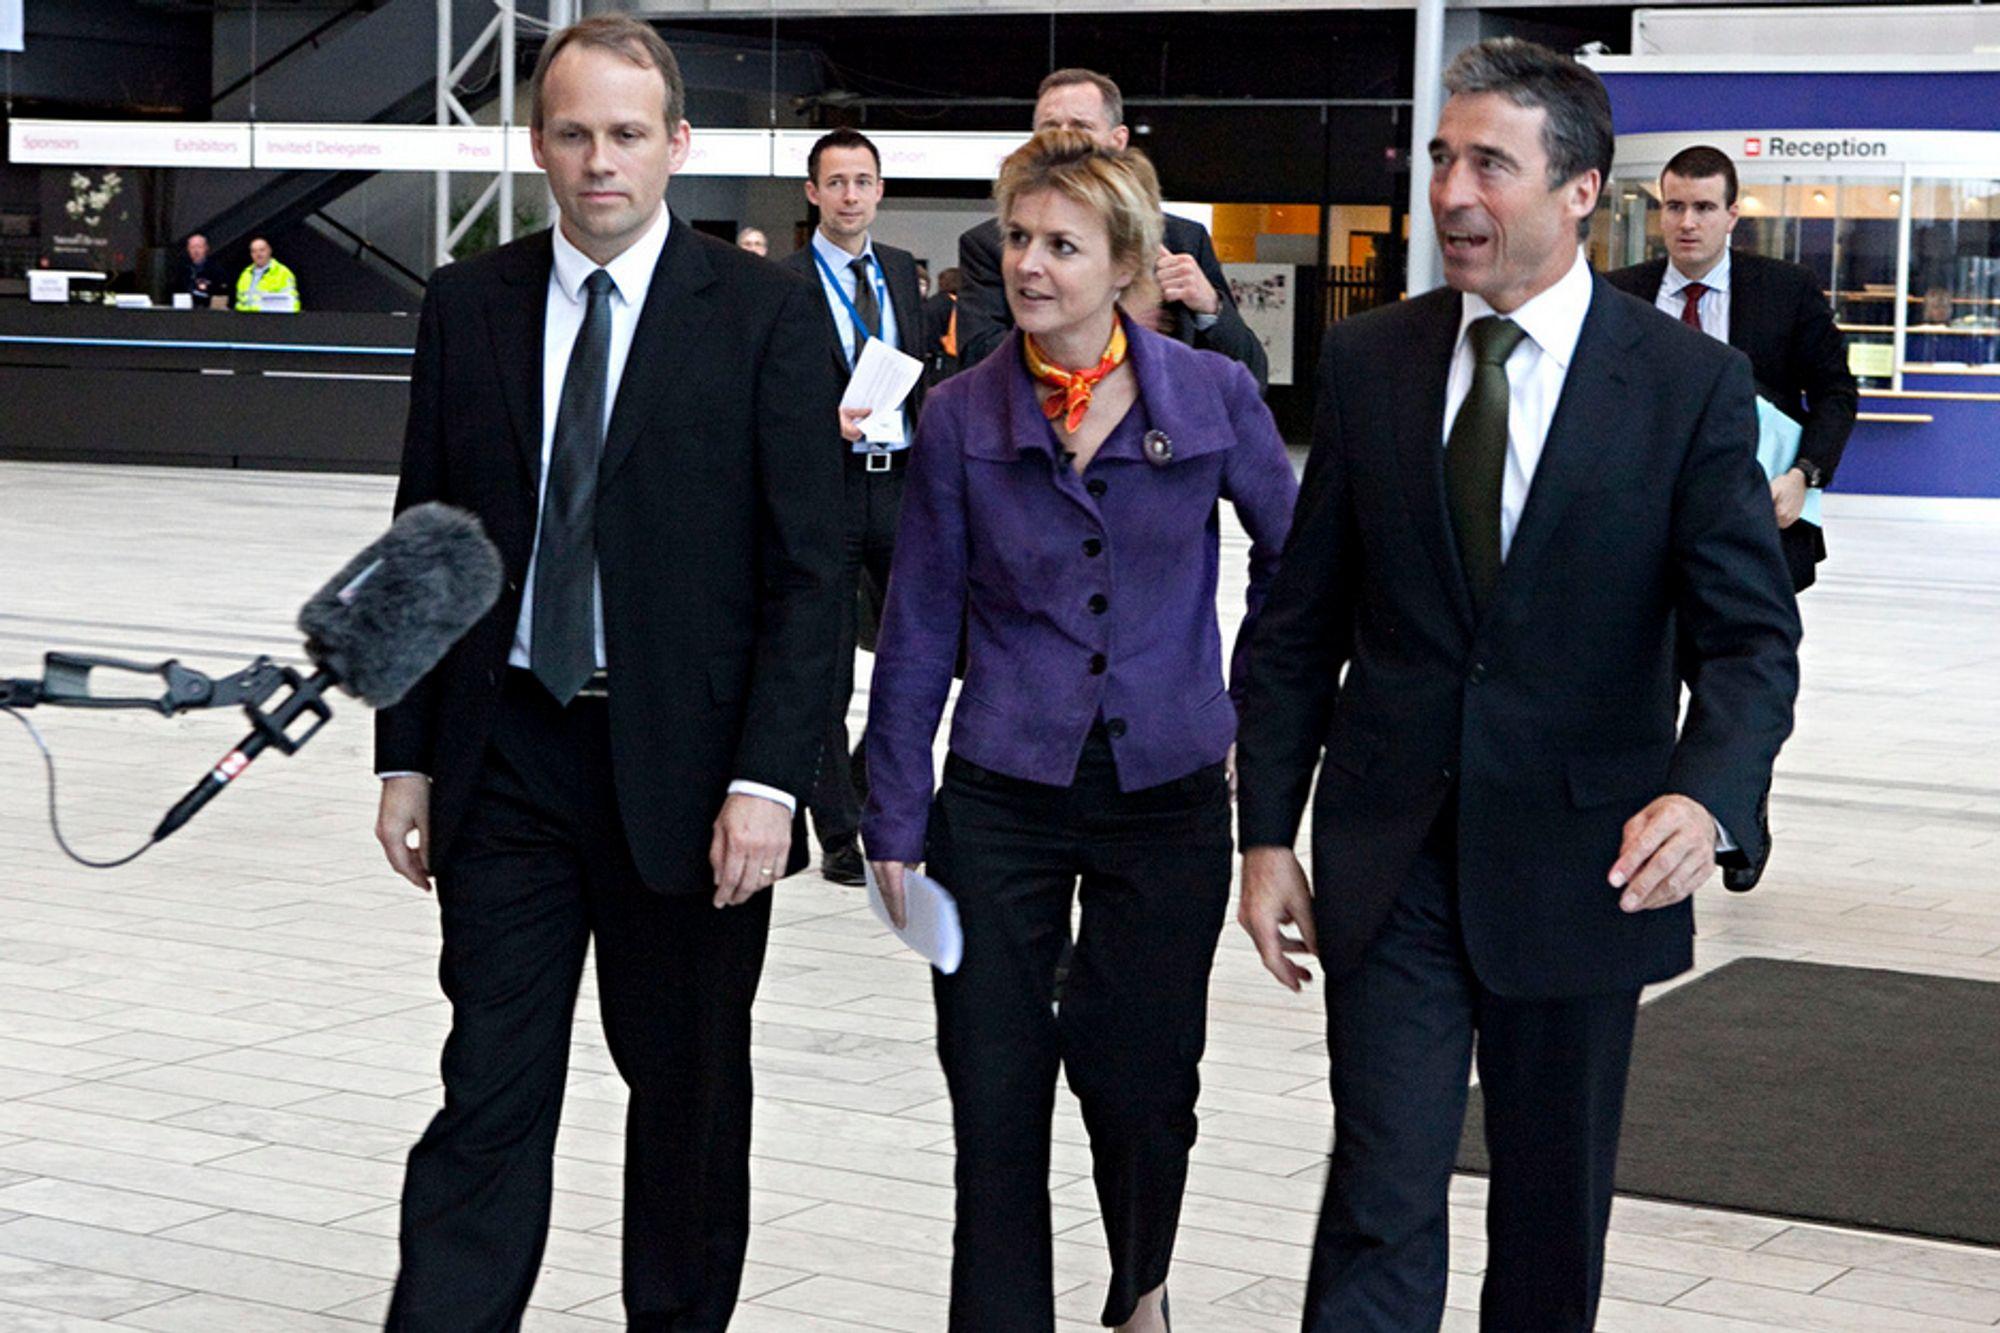 Henrik Dam, Lykke Friis og Anders Fogh Rasmussen.